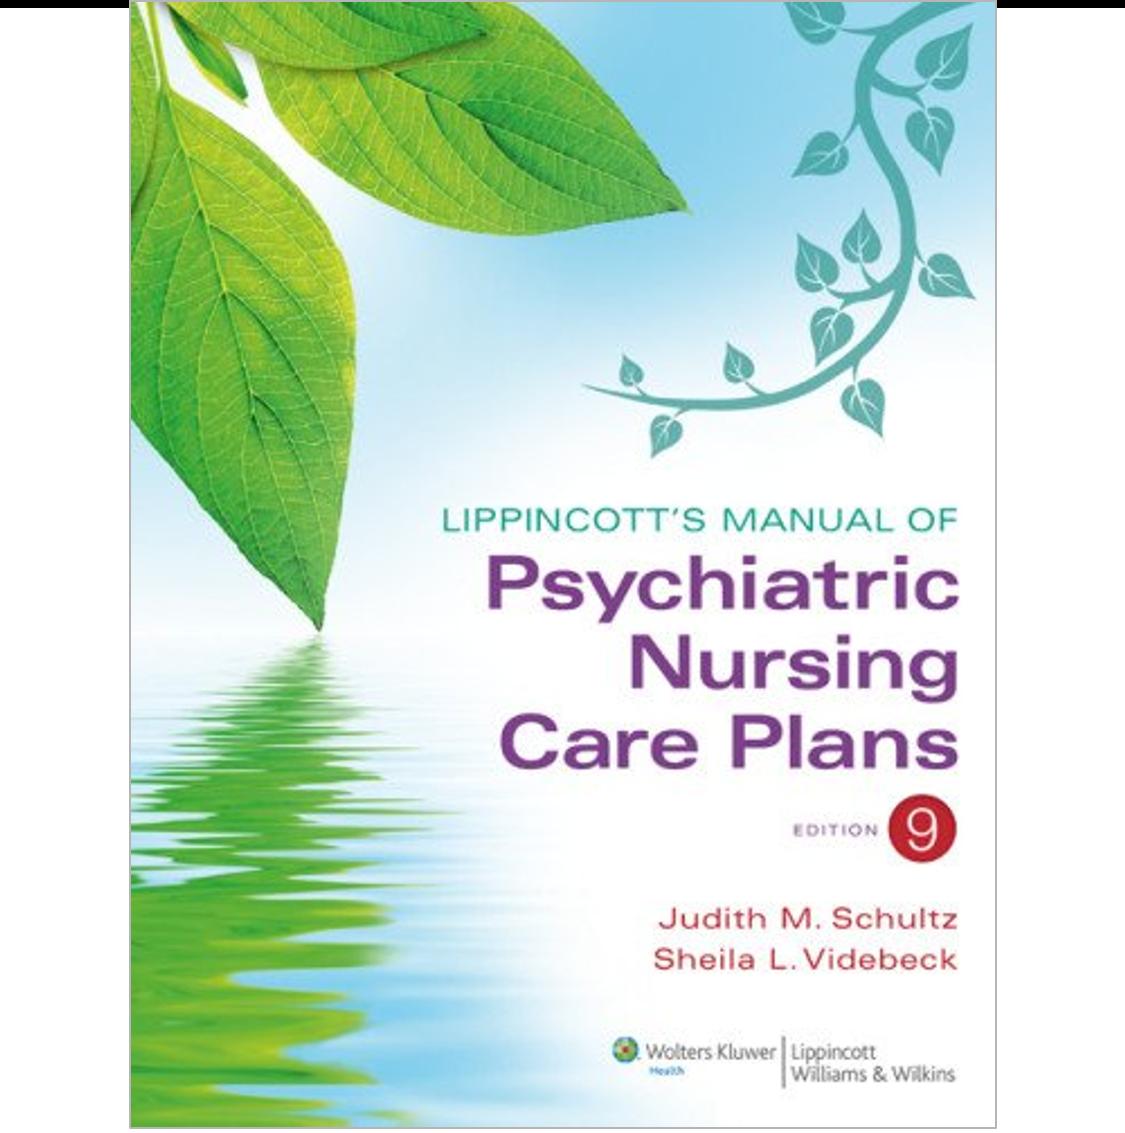 Mental Health Nursing Care Plans | MedicineBTG.com